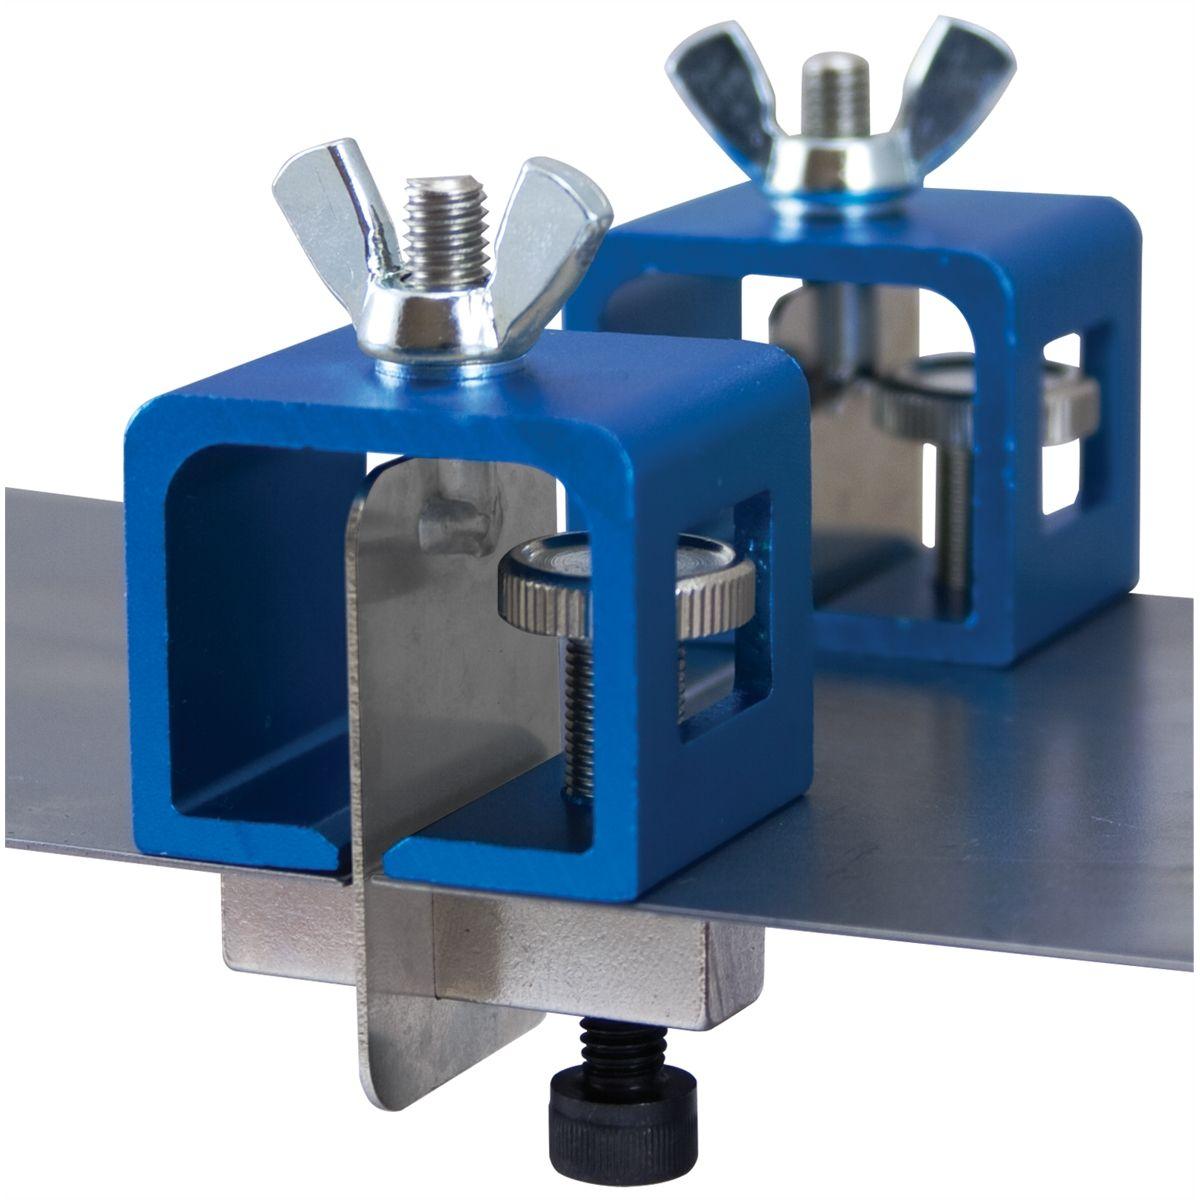 Glue pullers Ding Massager kit dent puller Spitznagel dent fix DF-DM550DX